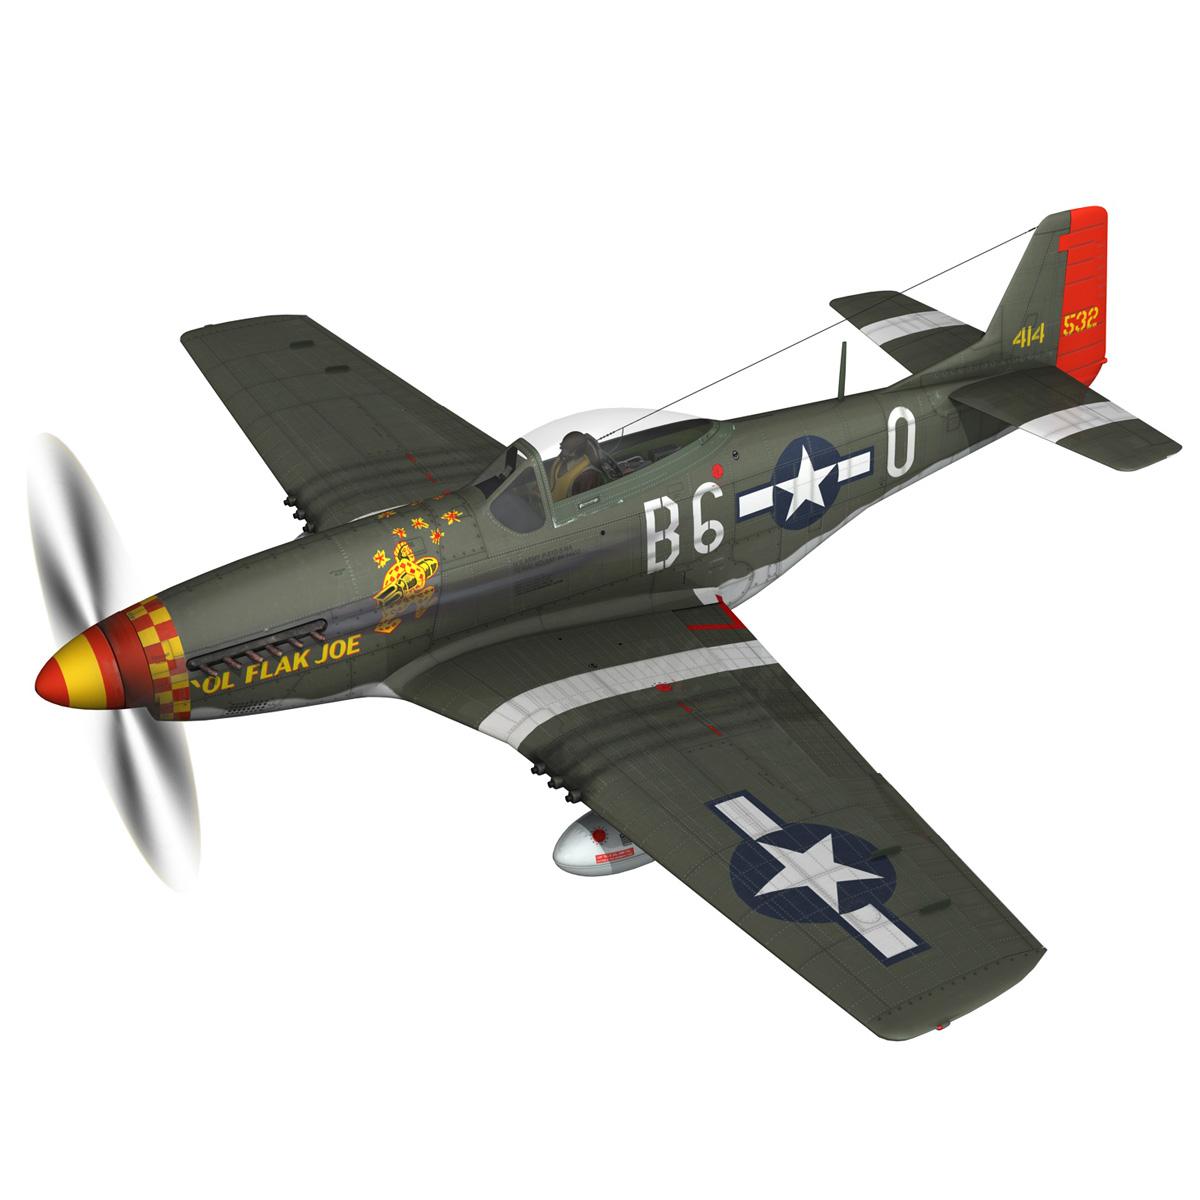 north american p-51d – ol flak joe 3d model 3ds fbx c4d lwo obj 280102